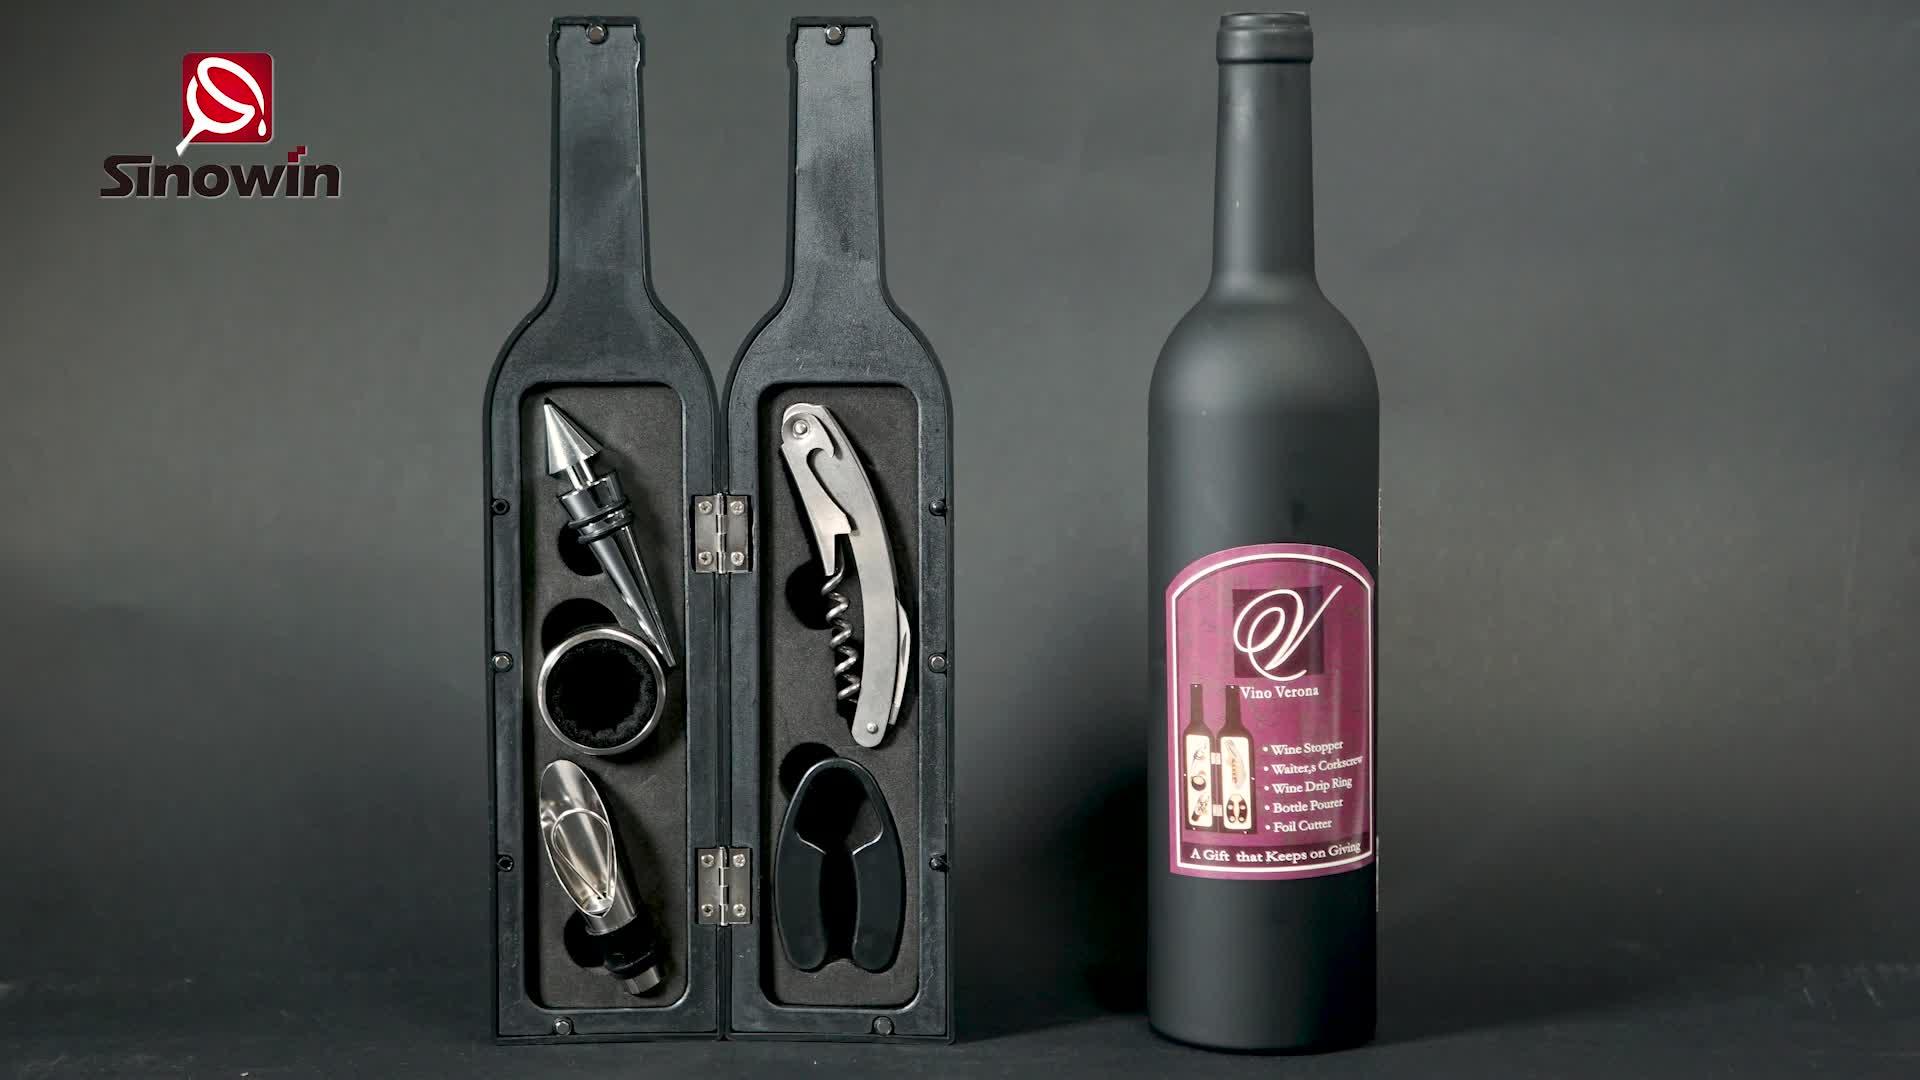 จีนโรงงานขายโดยตรงขวดไวน์ที่เปิดของขวัญชุดสำหรับคนรักไวน์